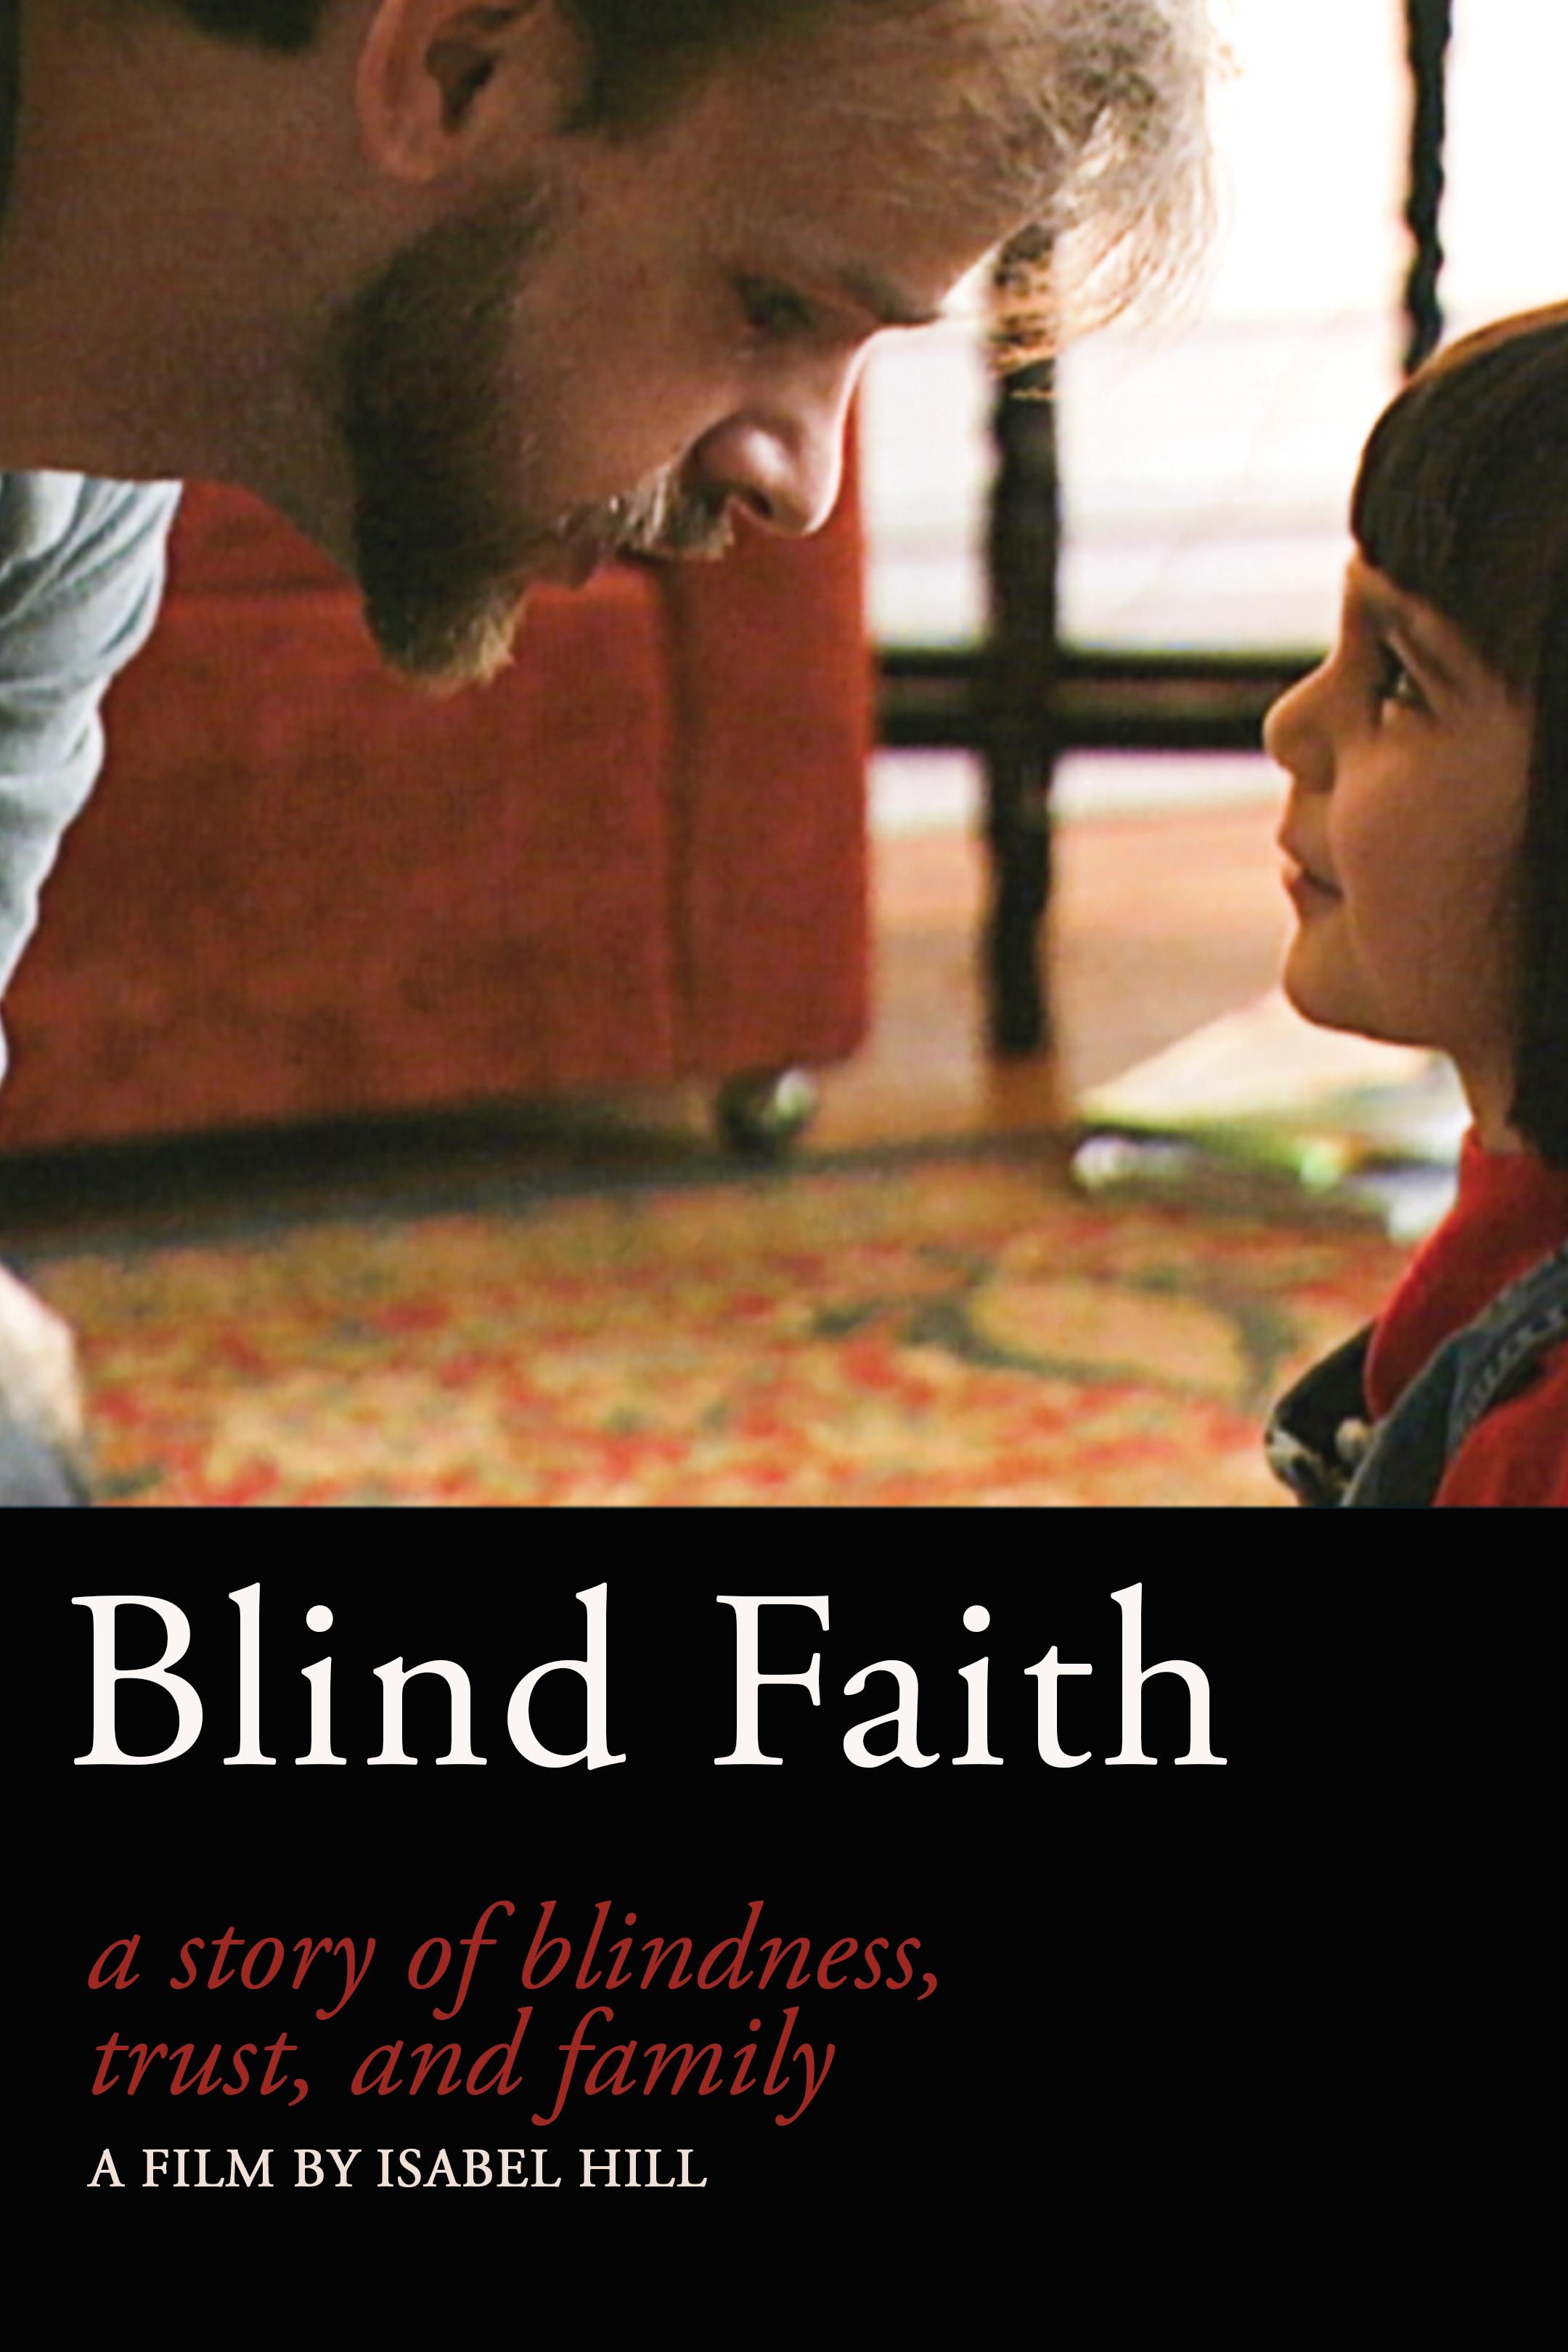 BlindFaith_Poster_3240.jpg